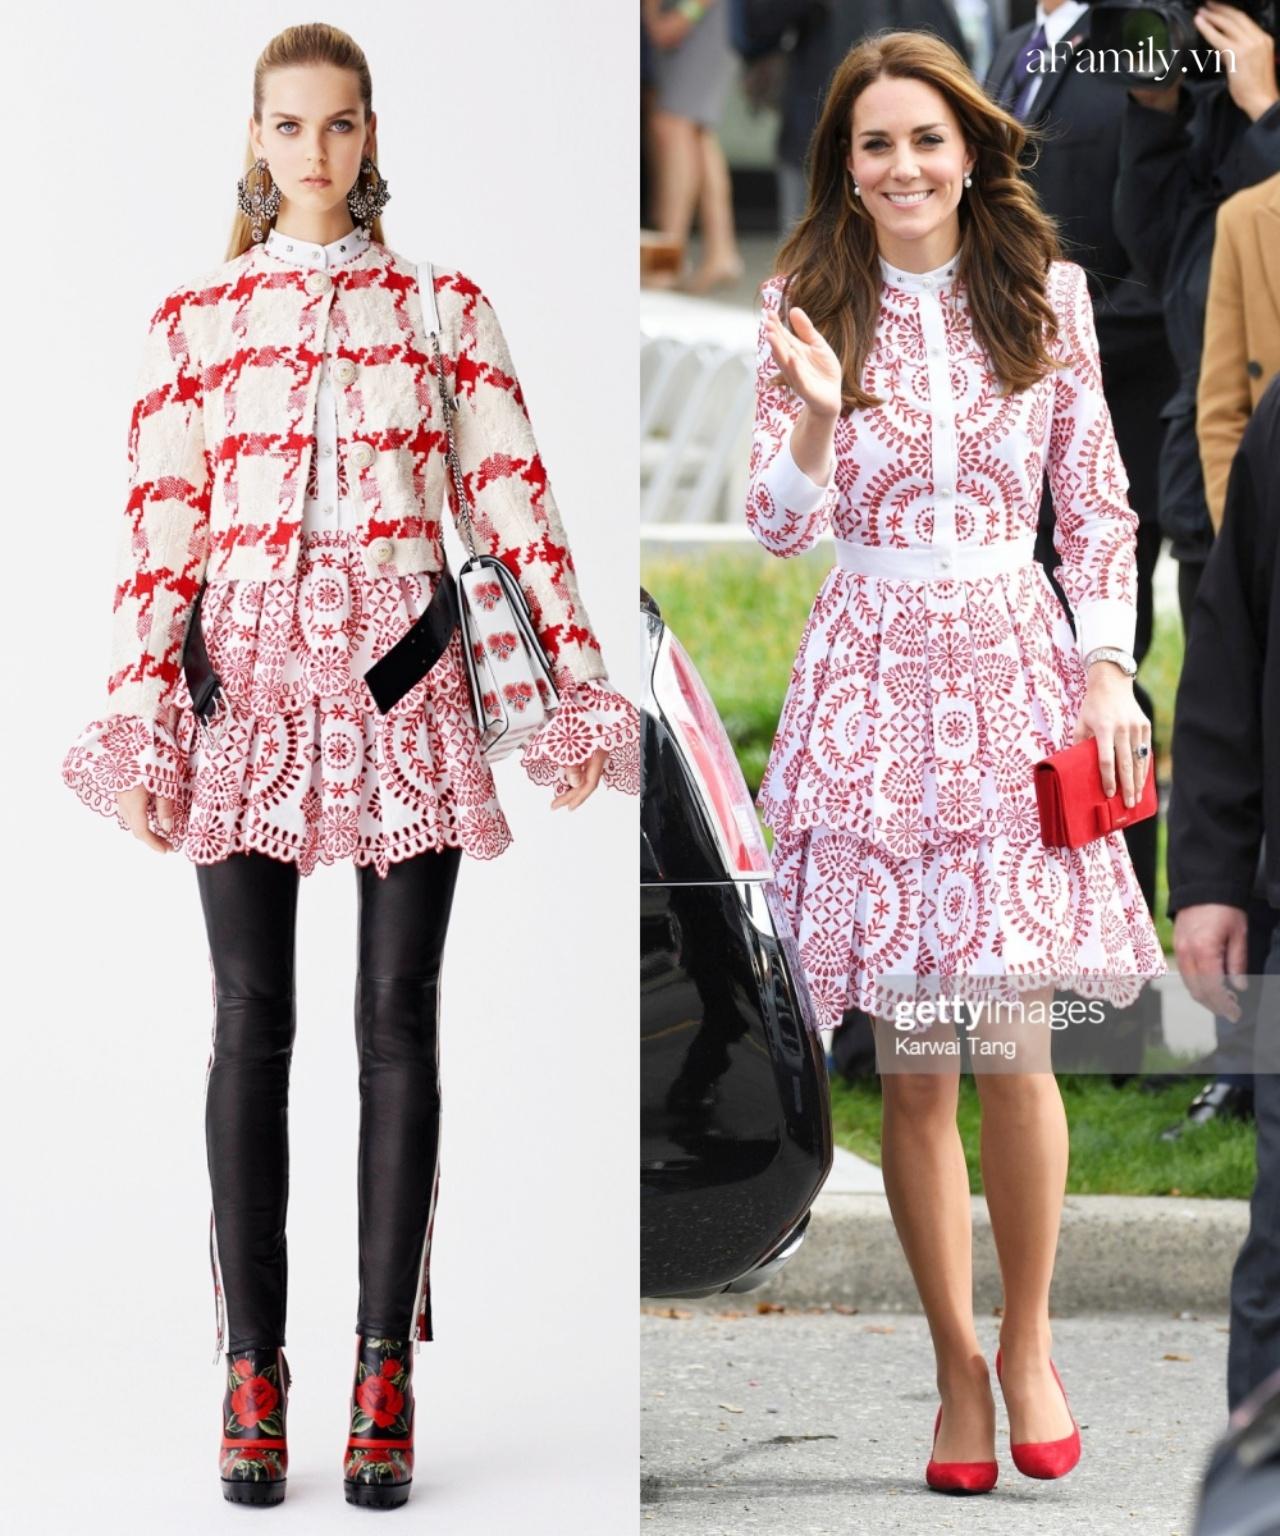 Đẳng cấp thời trang của Công nương Kate: Thanh lịch lấn át mẫu hãng, chứng minh khí chất hoàng gia hiếm ai bì kịp - Ảnh 2.